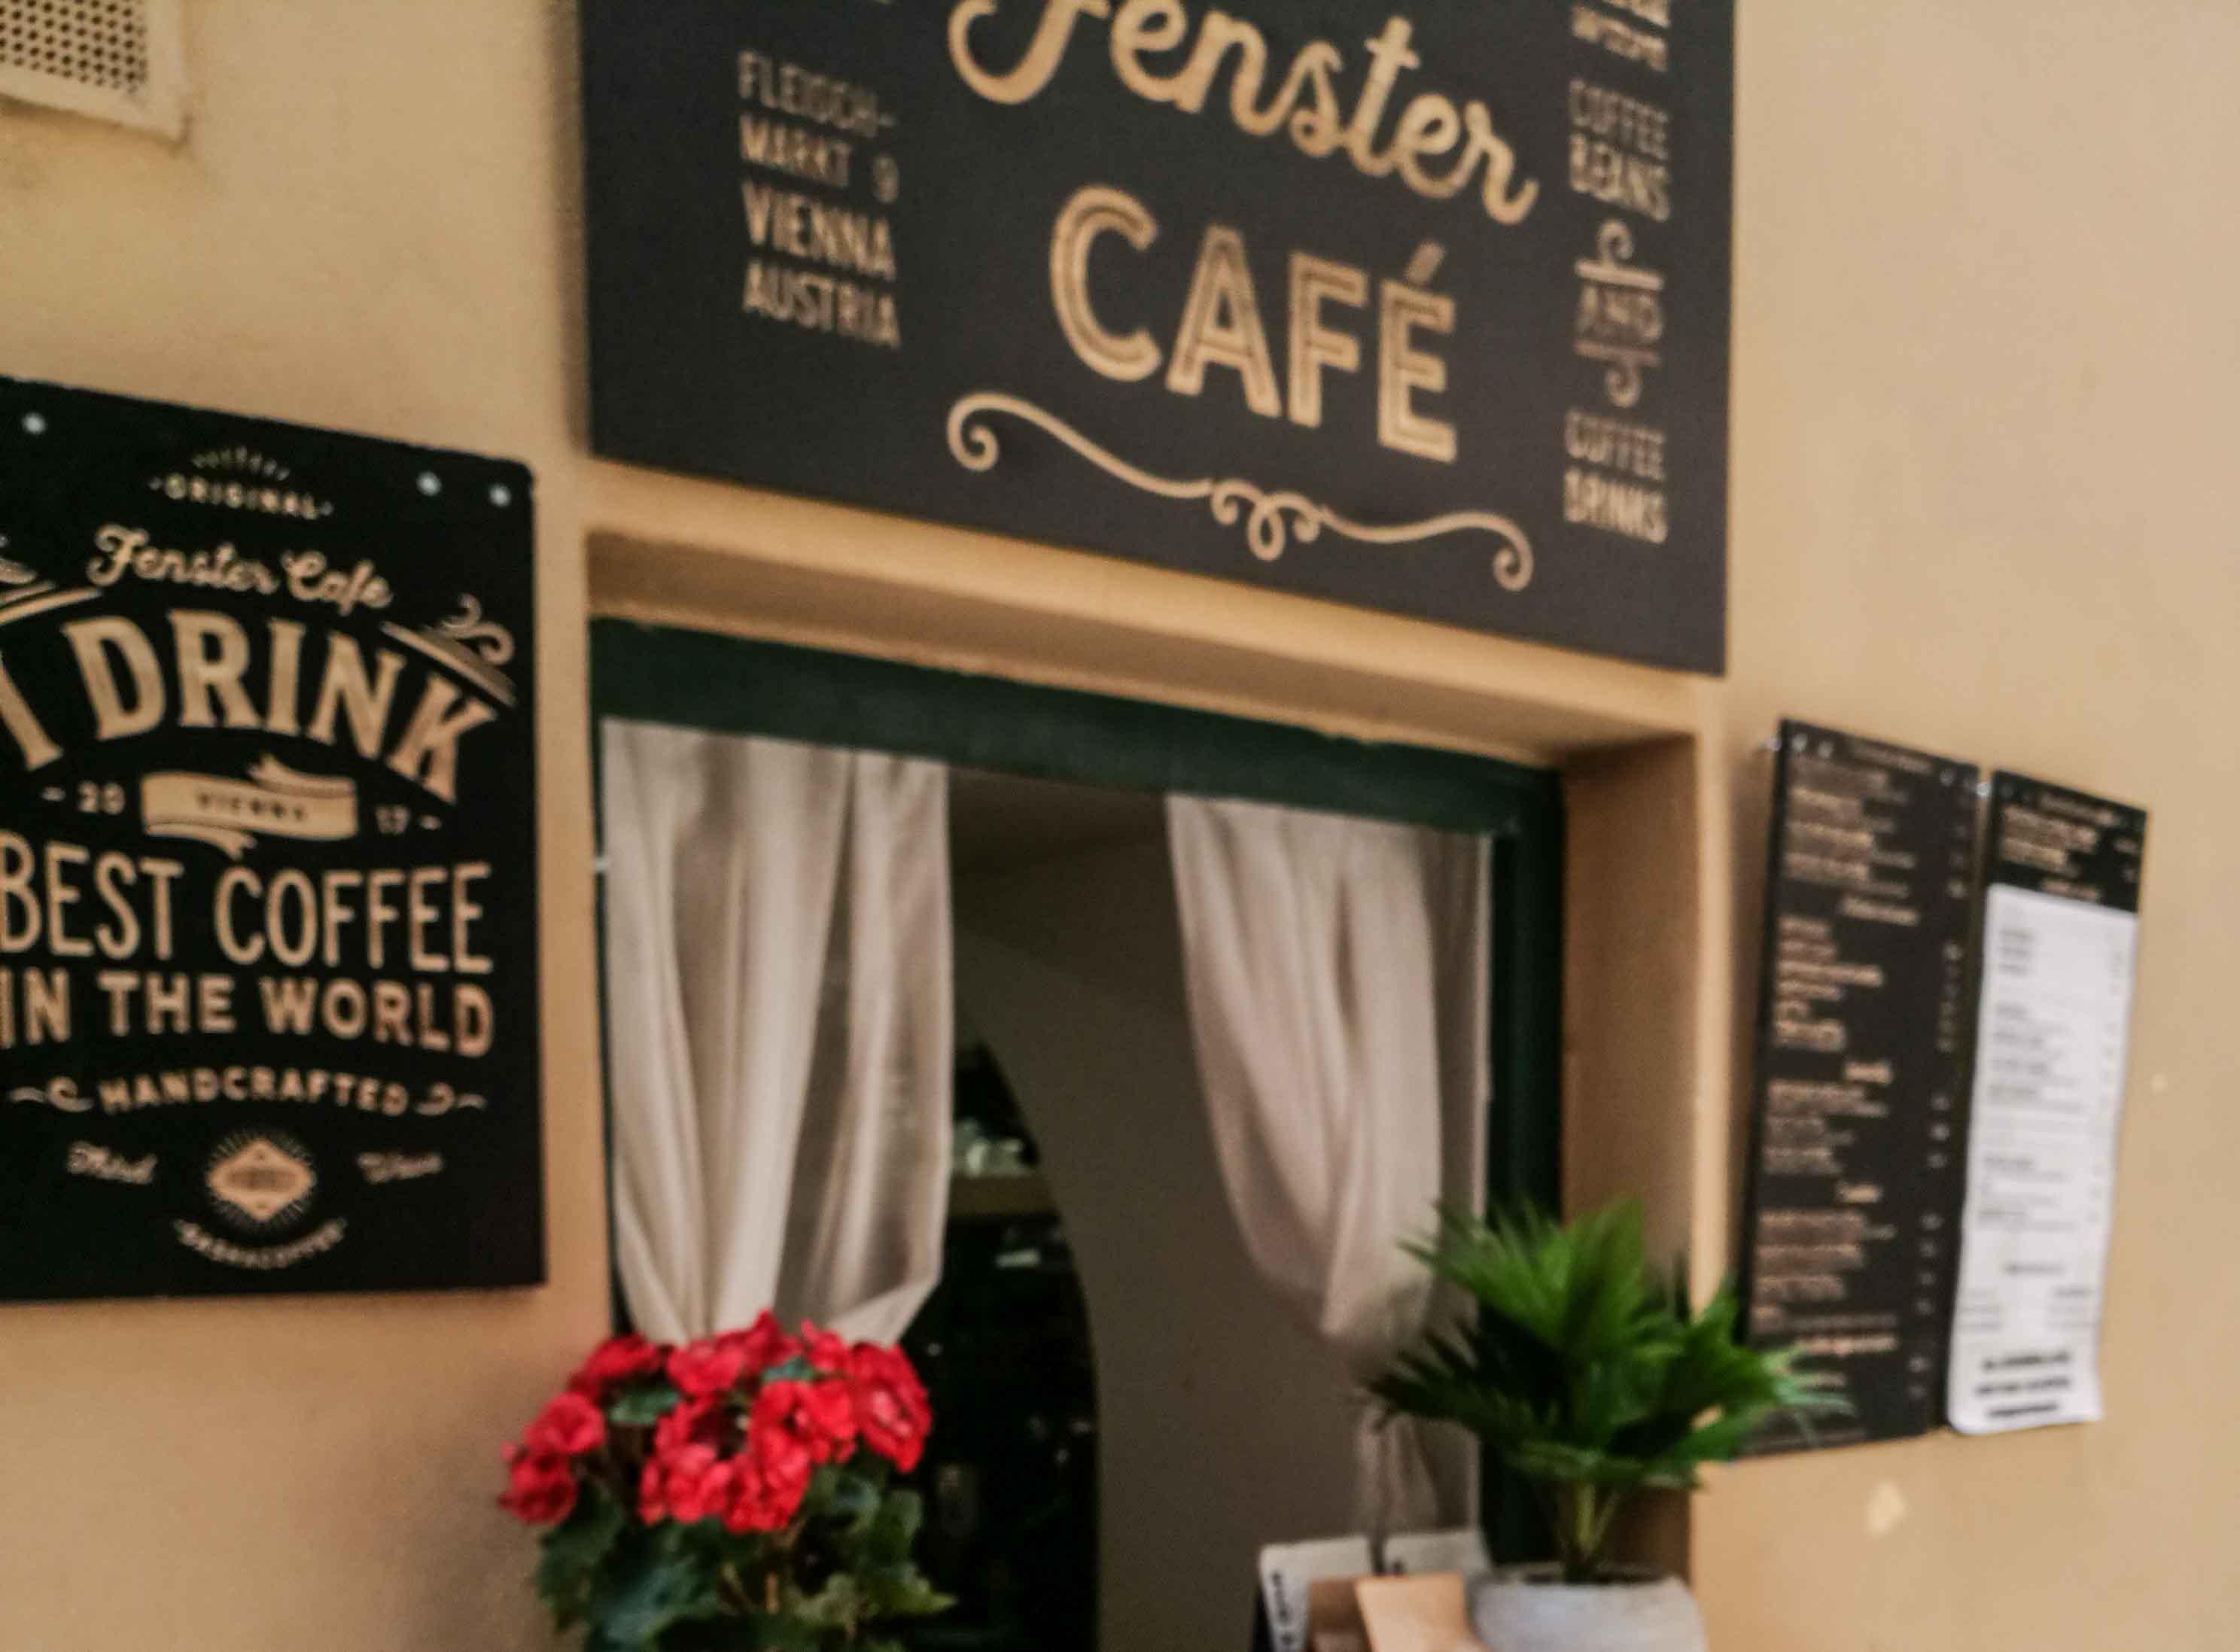 Willkommen im kleinsten Café Wiens – das Fenstercafé